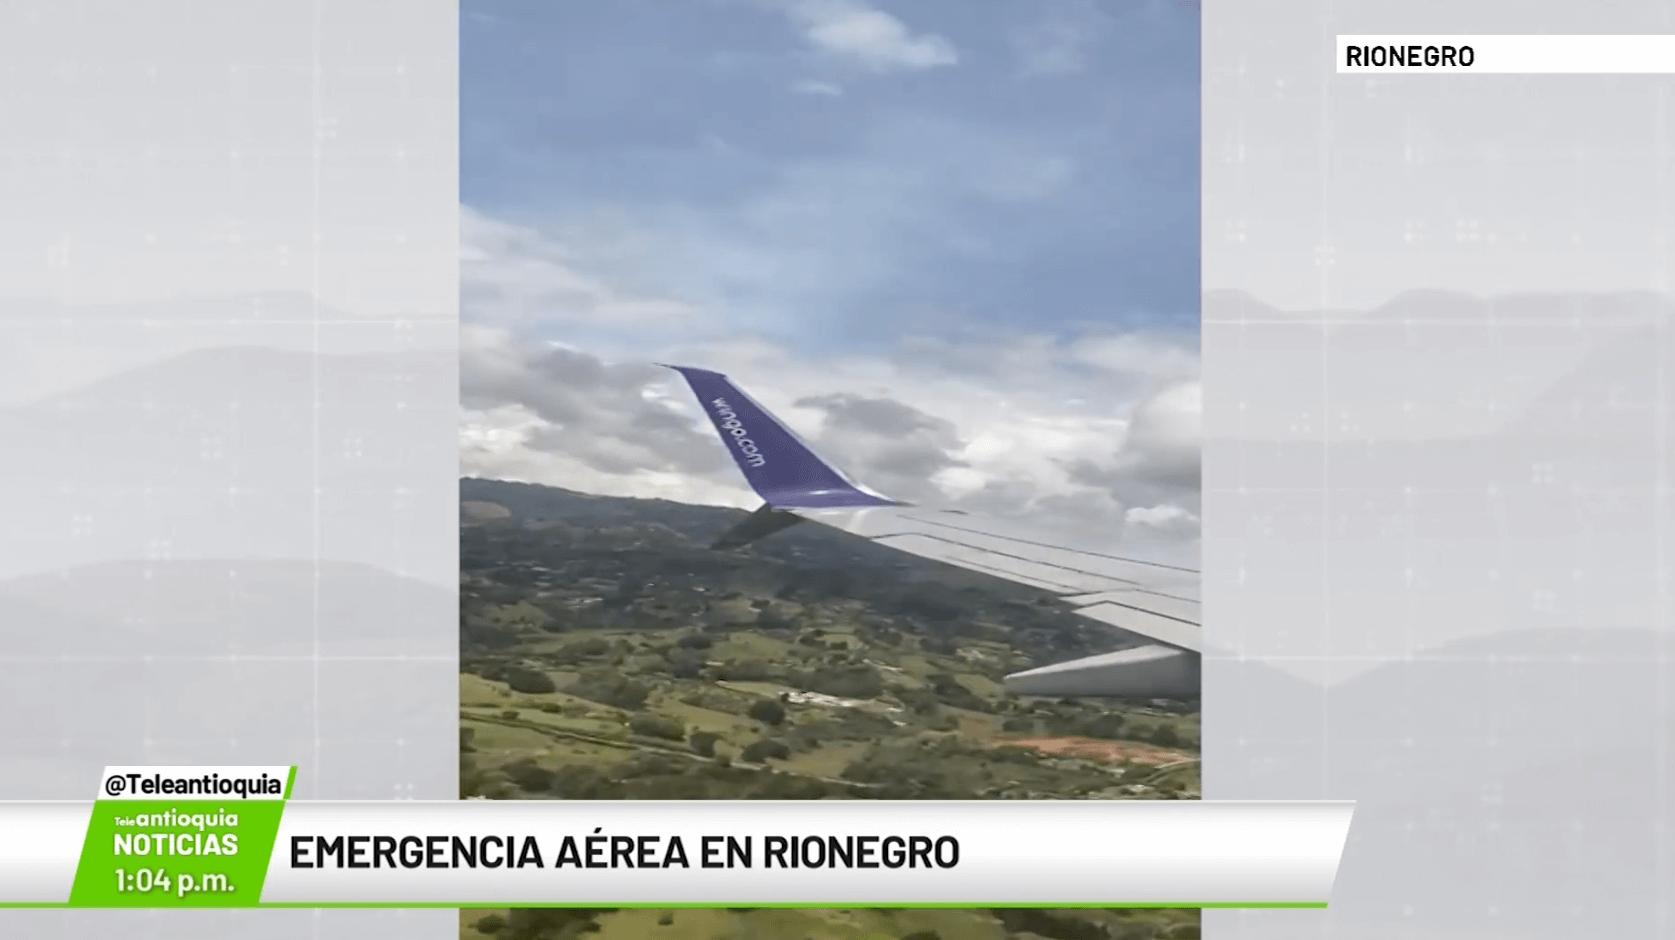 Emergencia aérea en Rionegro